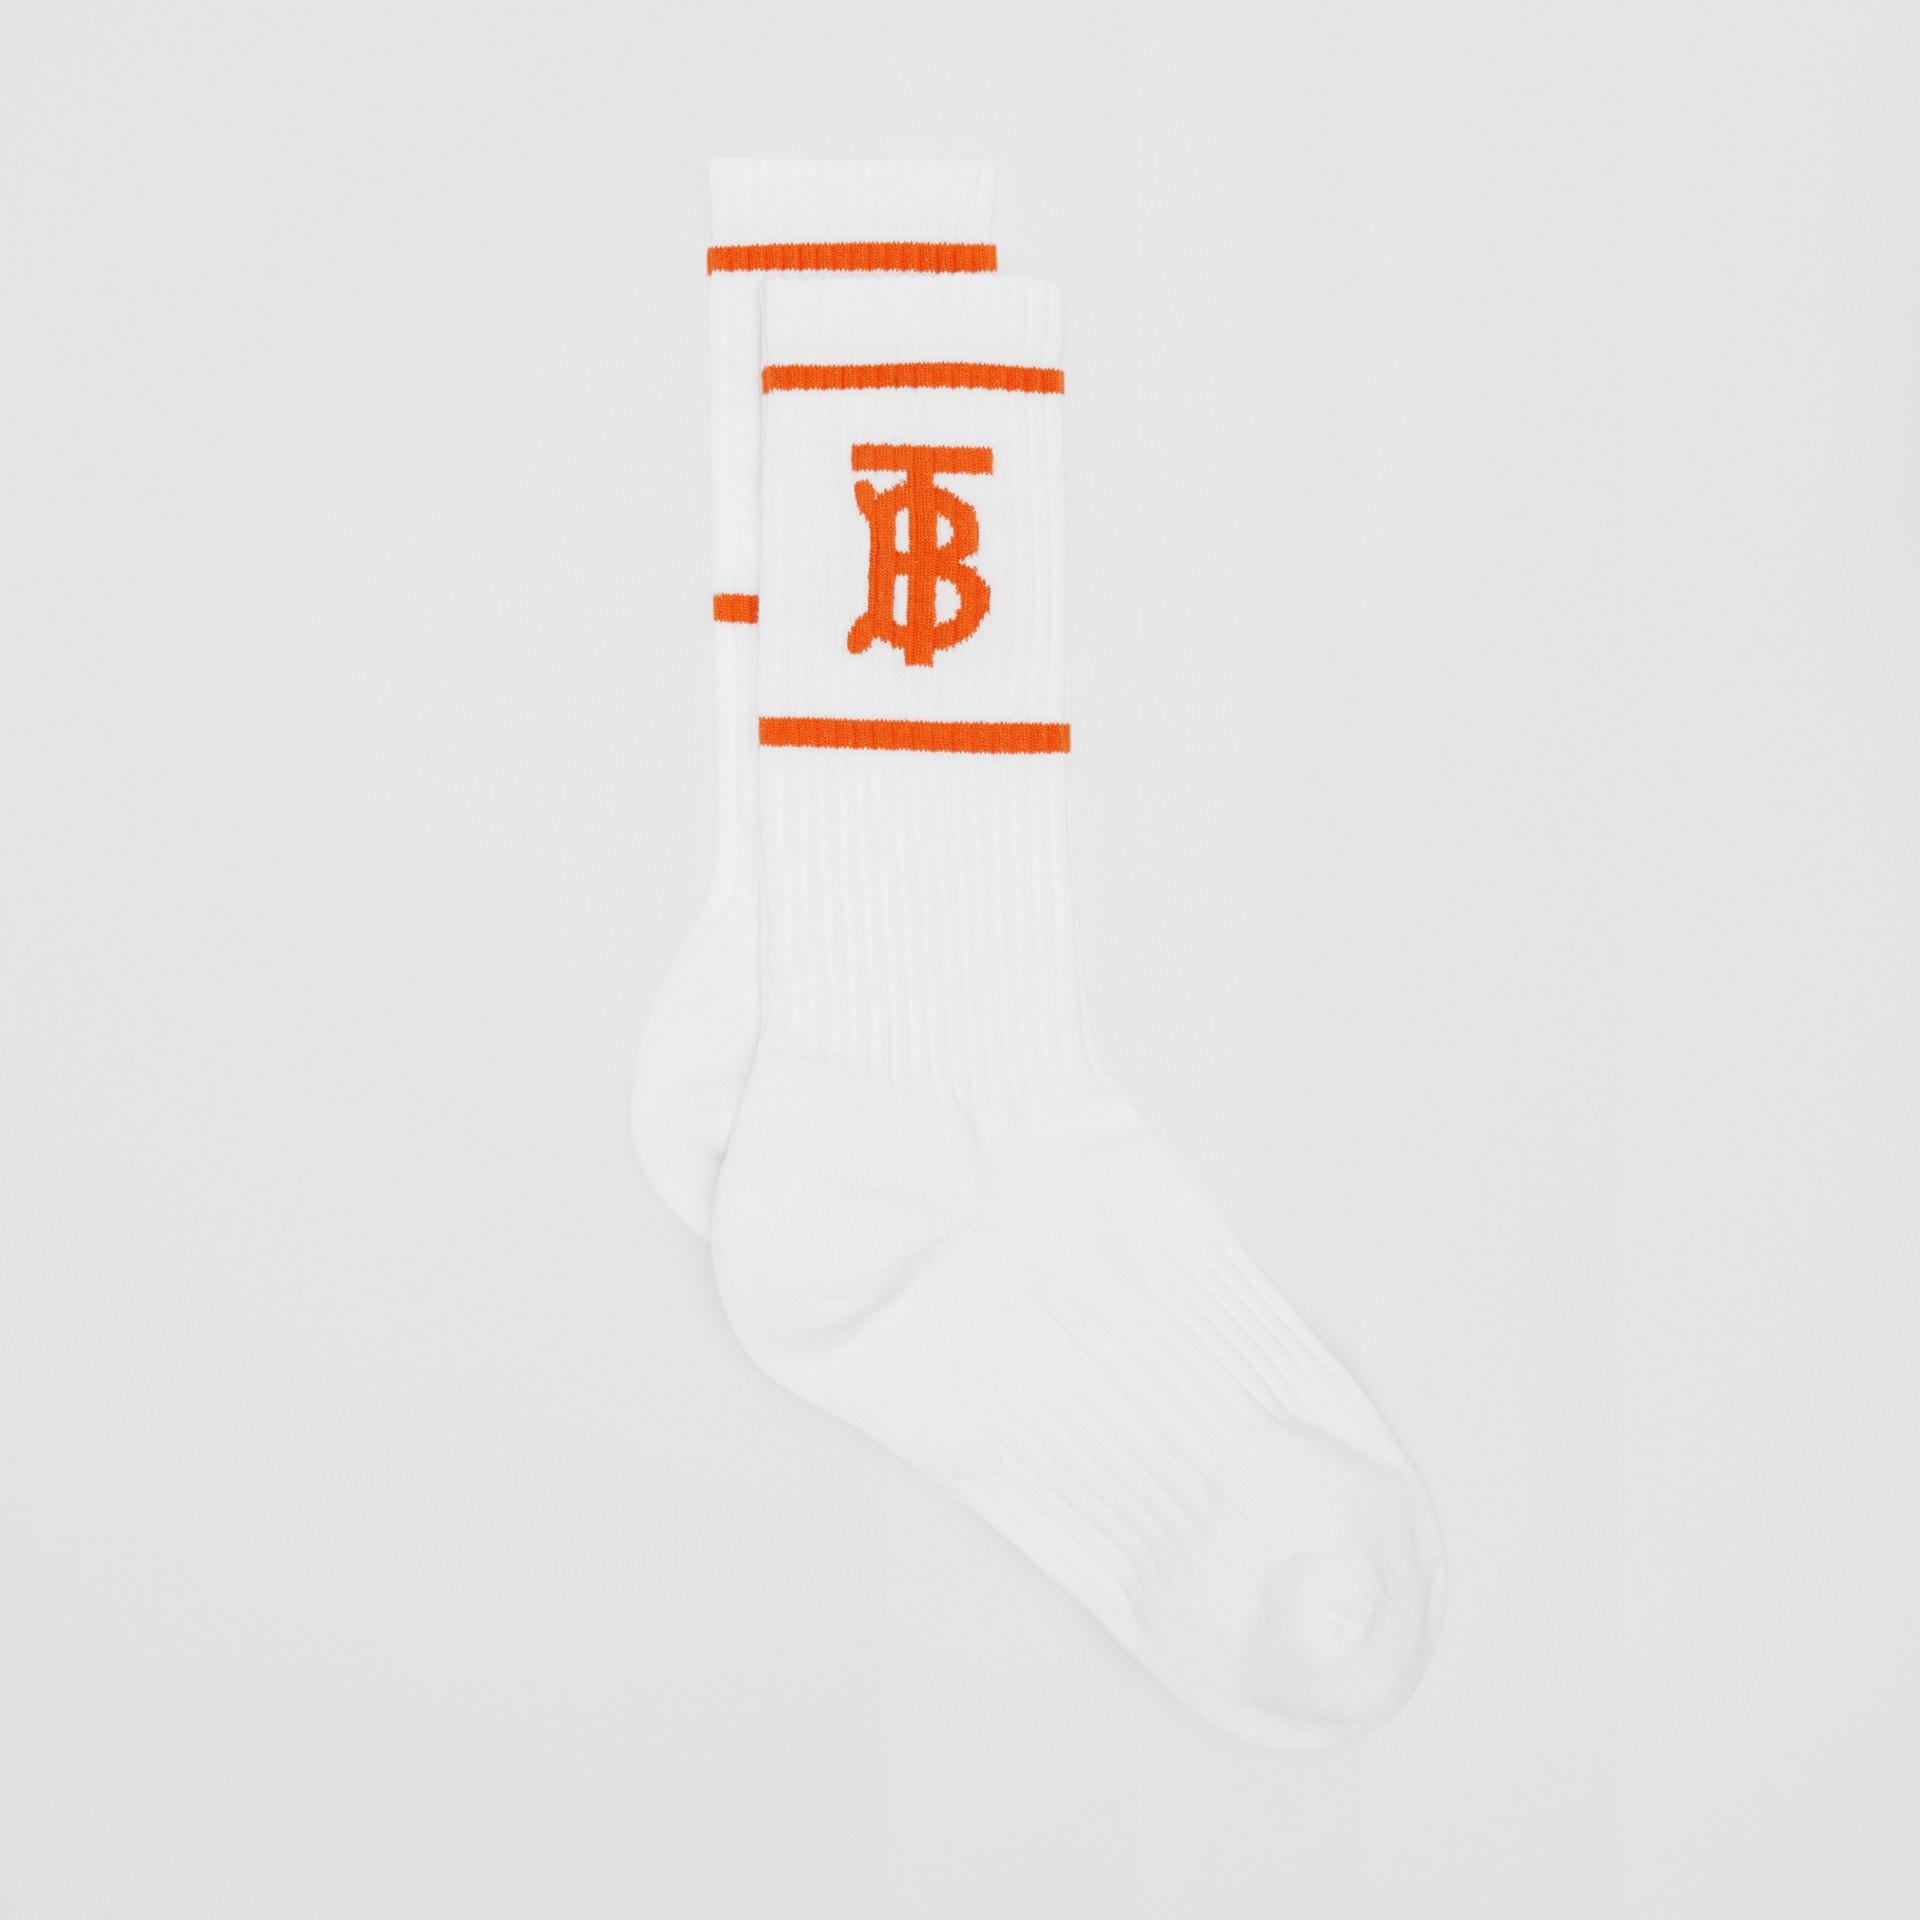 Calzini con motivo monogramma a intarsio (Bianco/arancio) | Burberry - immagine della galleria 2